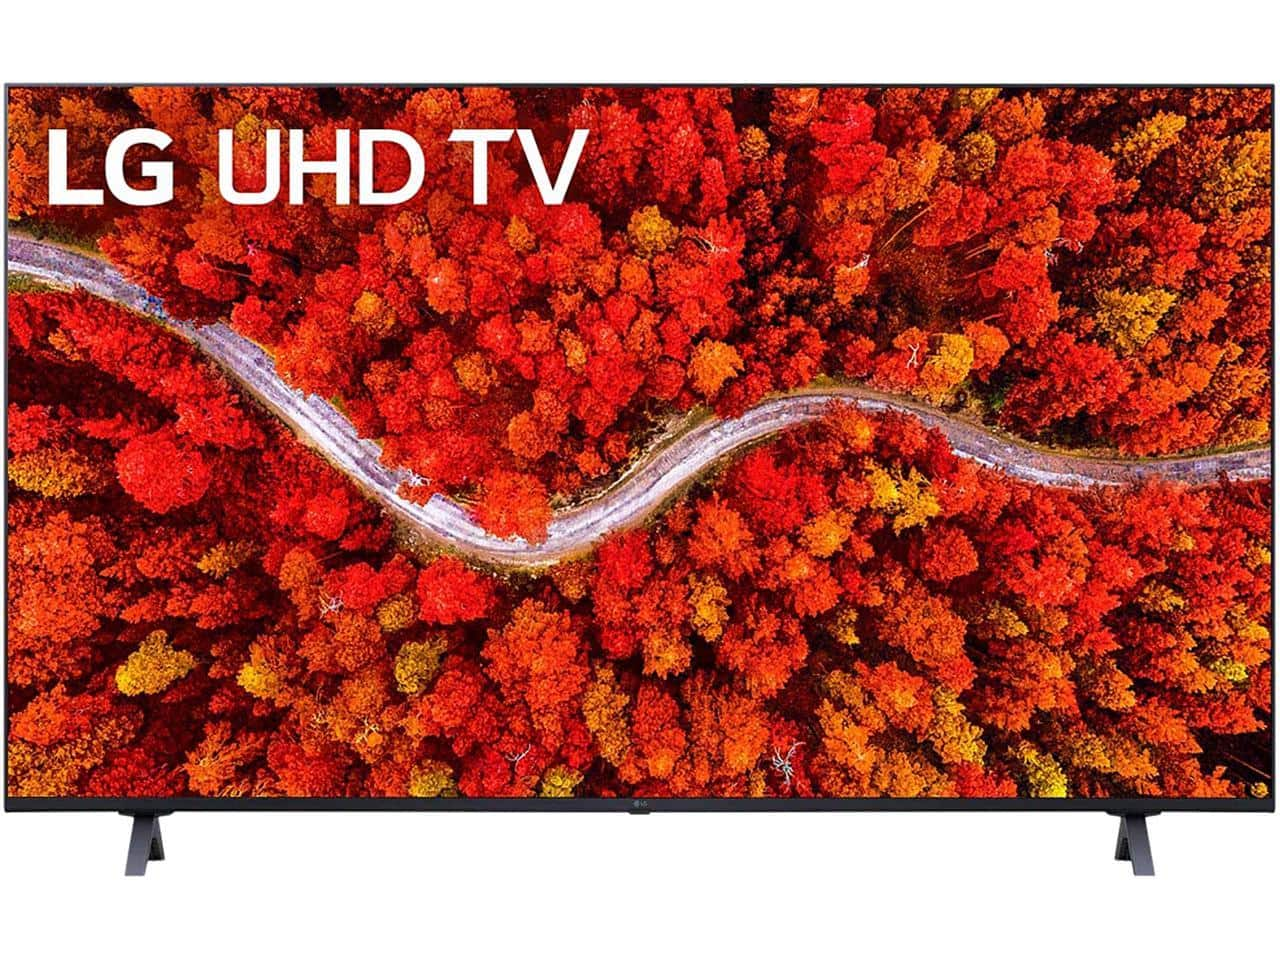 """43"""" LG 43UP8000PUA 4K Smart LED TV (2021) $347 at Newegg $346.99"""